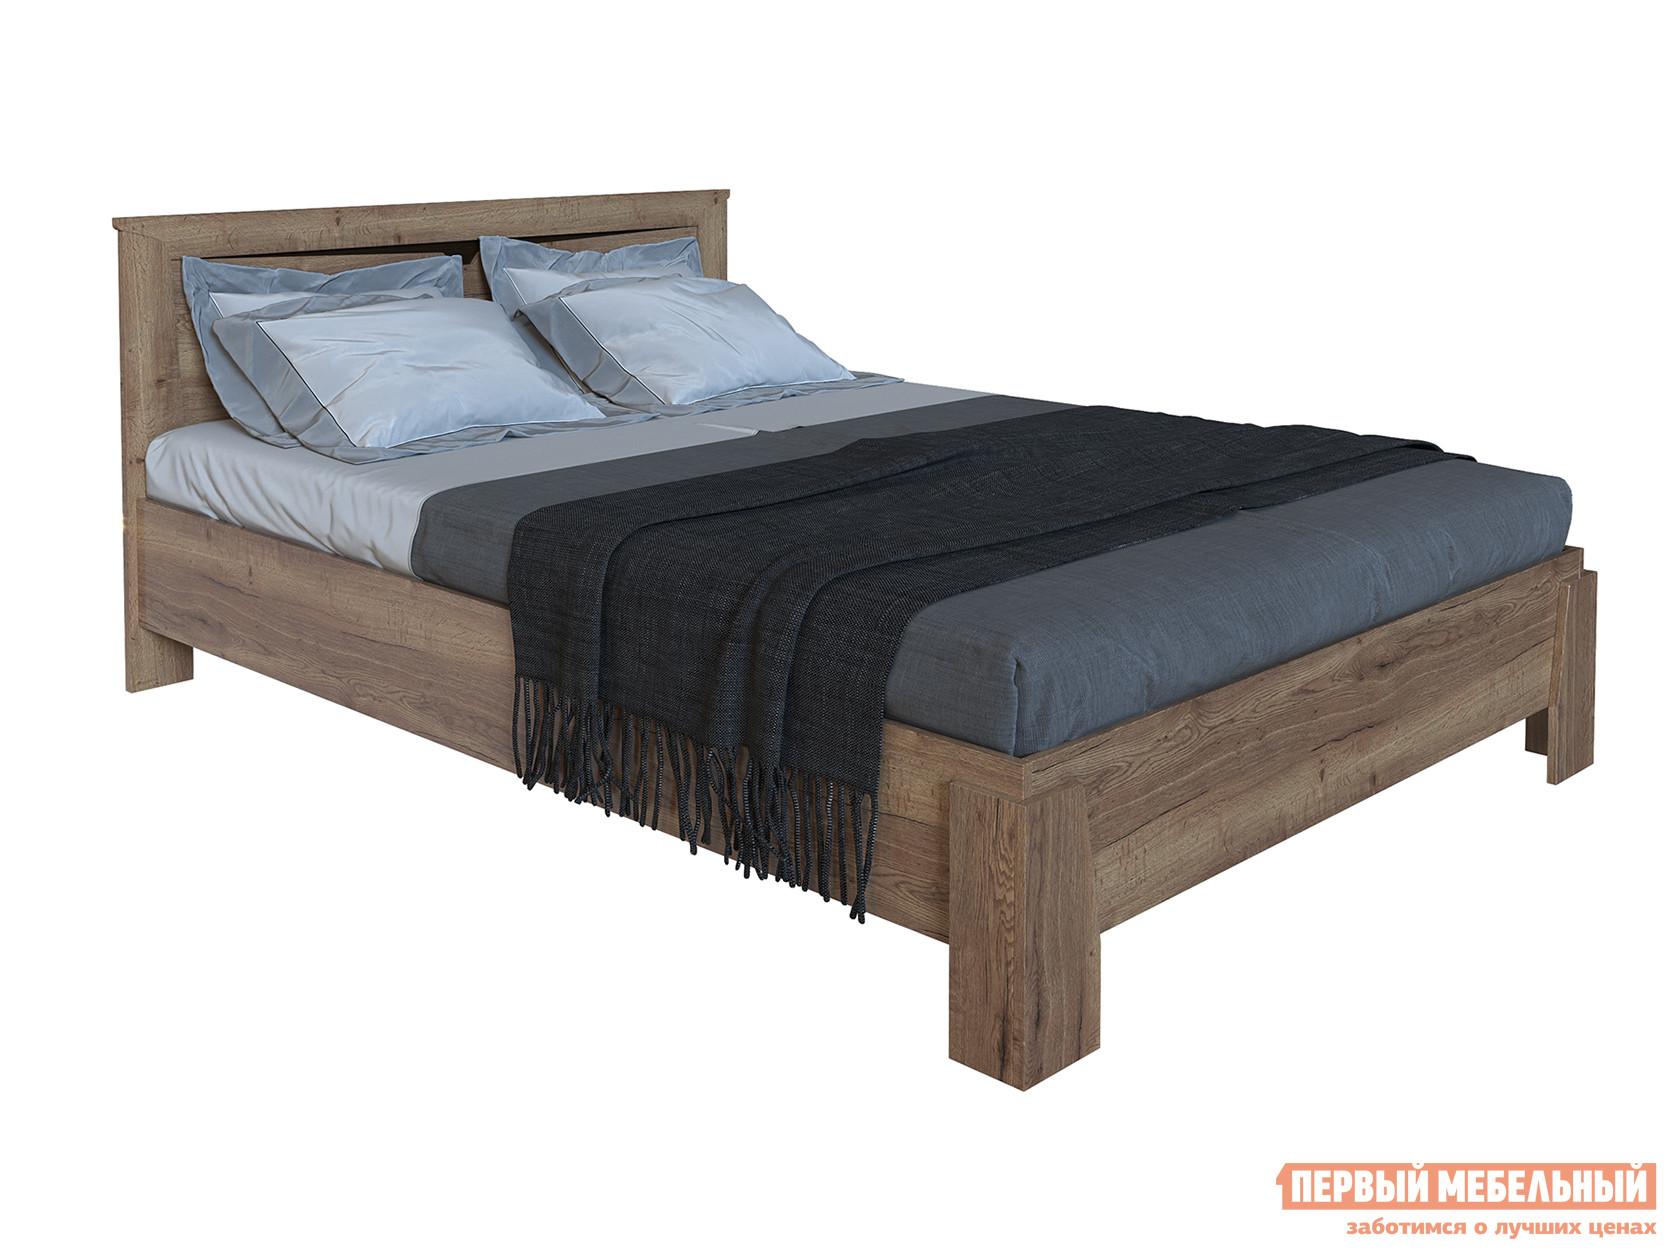 Двуспальная кровать Первый Мебельный Кровать Гарда NEW